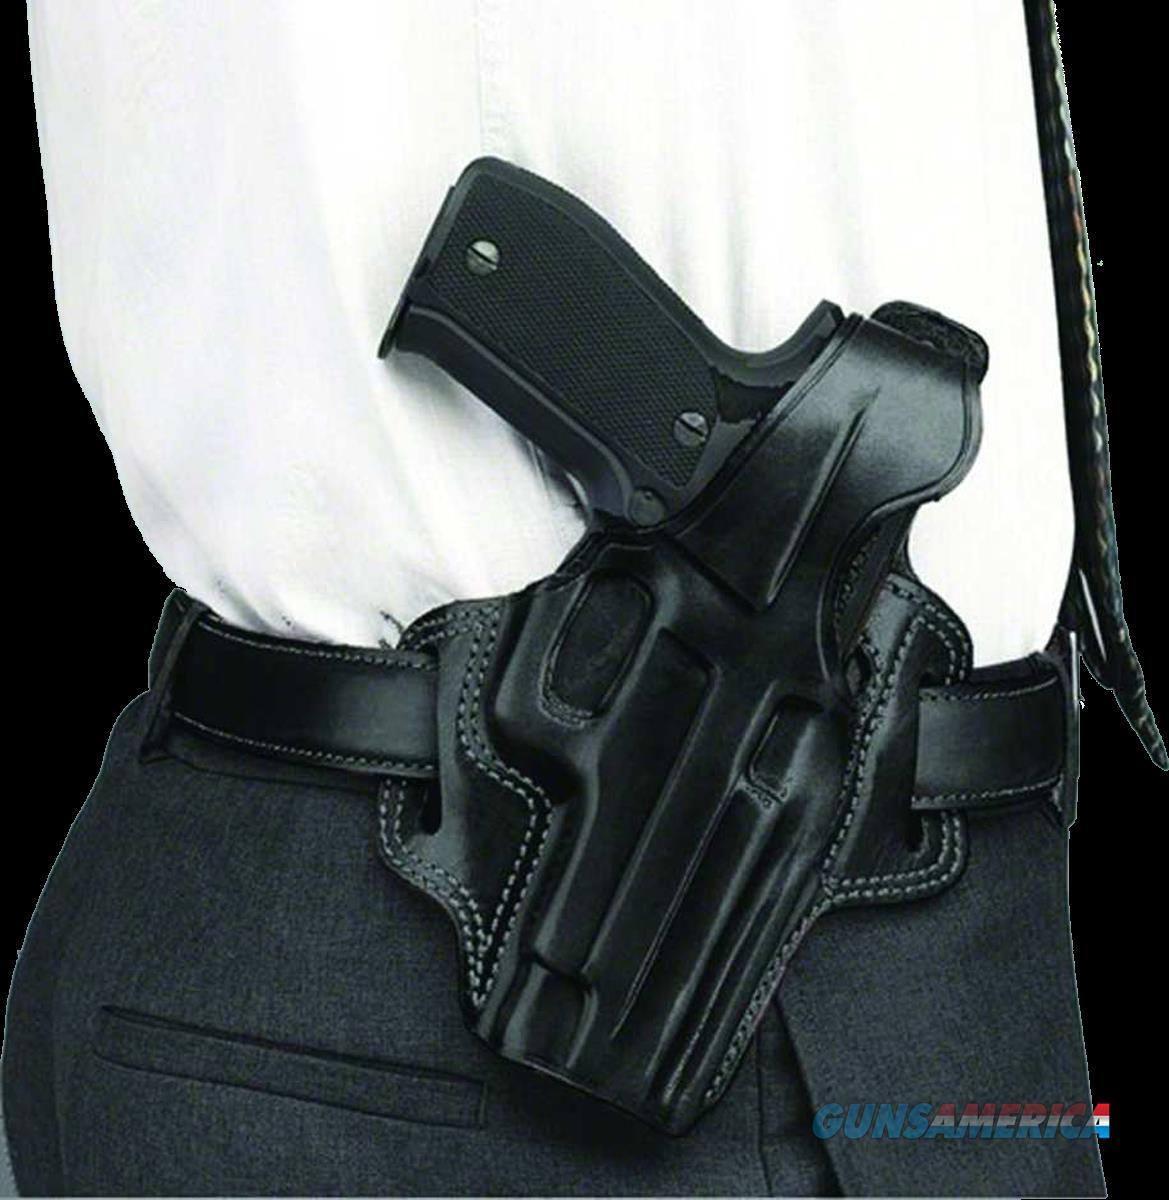 Galco Fletch High Ride, Galco Fl224b  Fletch Auto           Blk  Guns > Pistols > 1911 Pistol Copies (non-Colt)